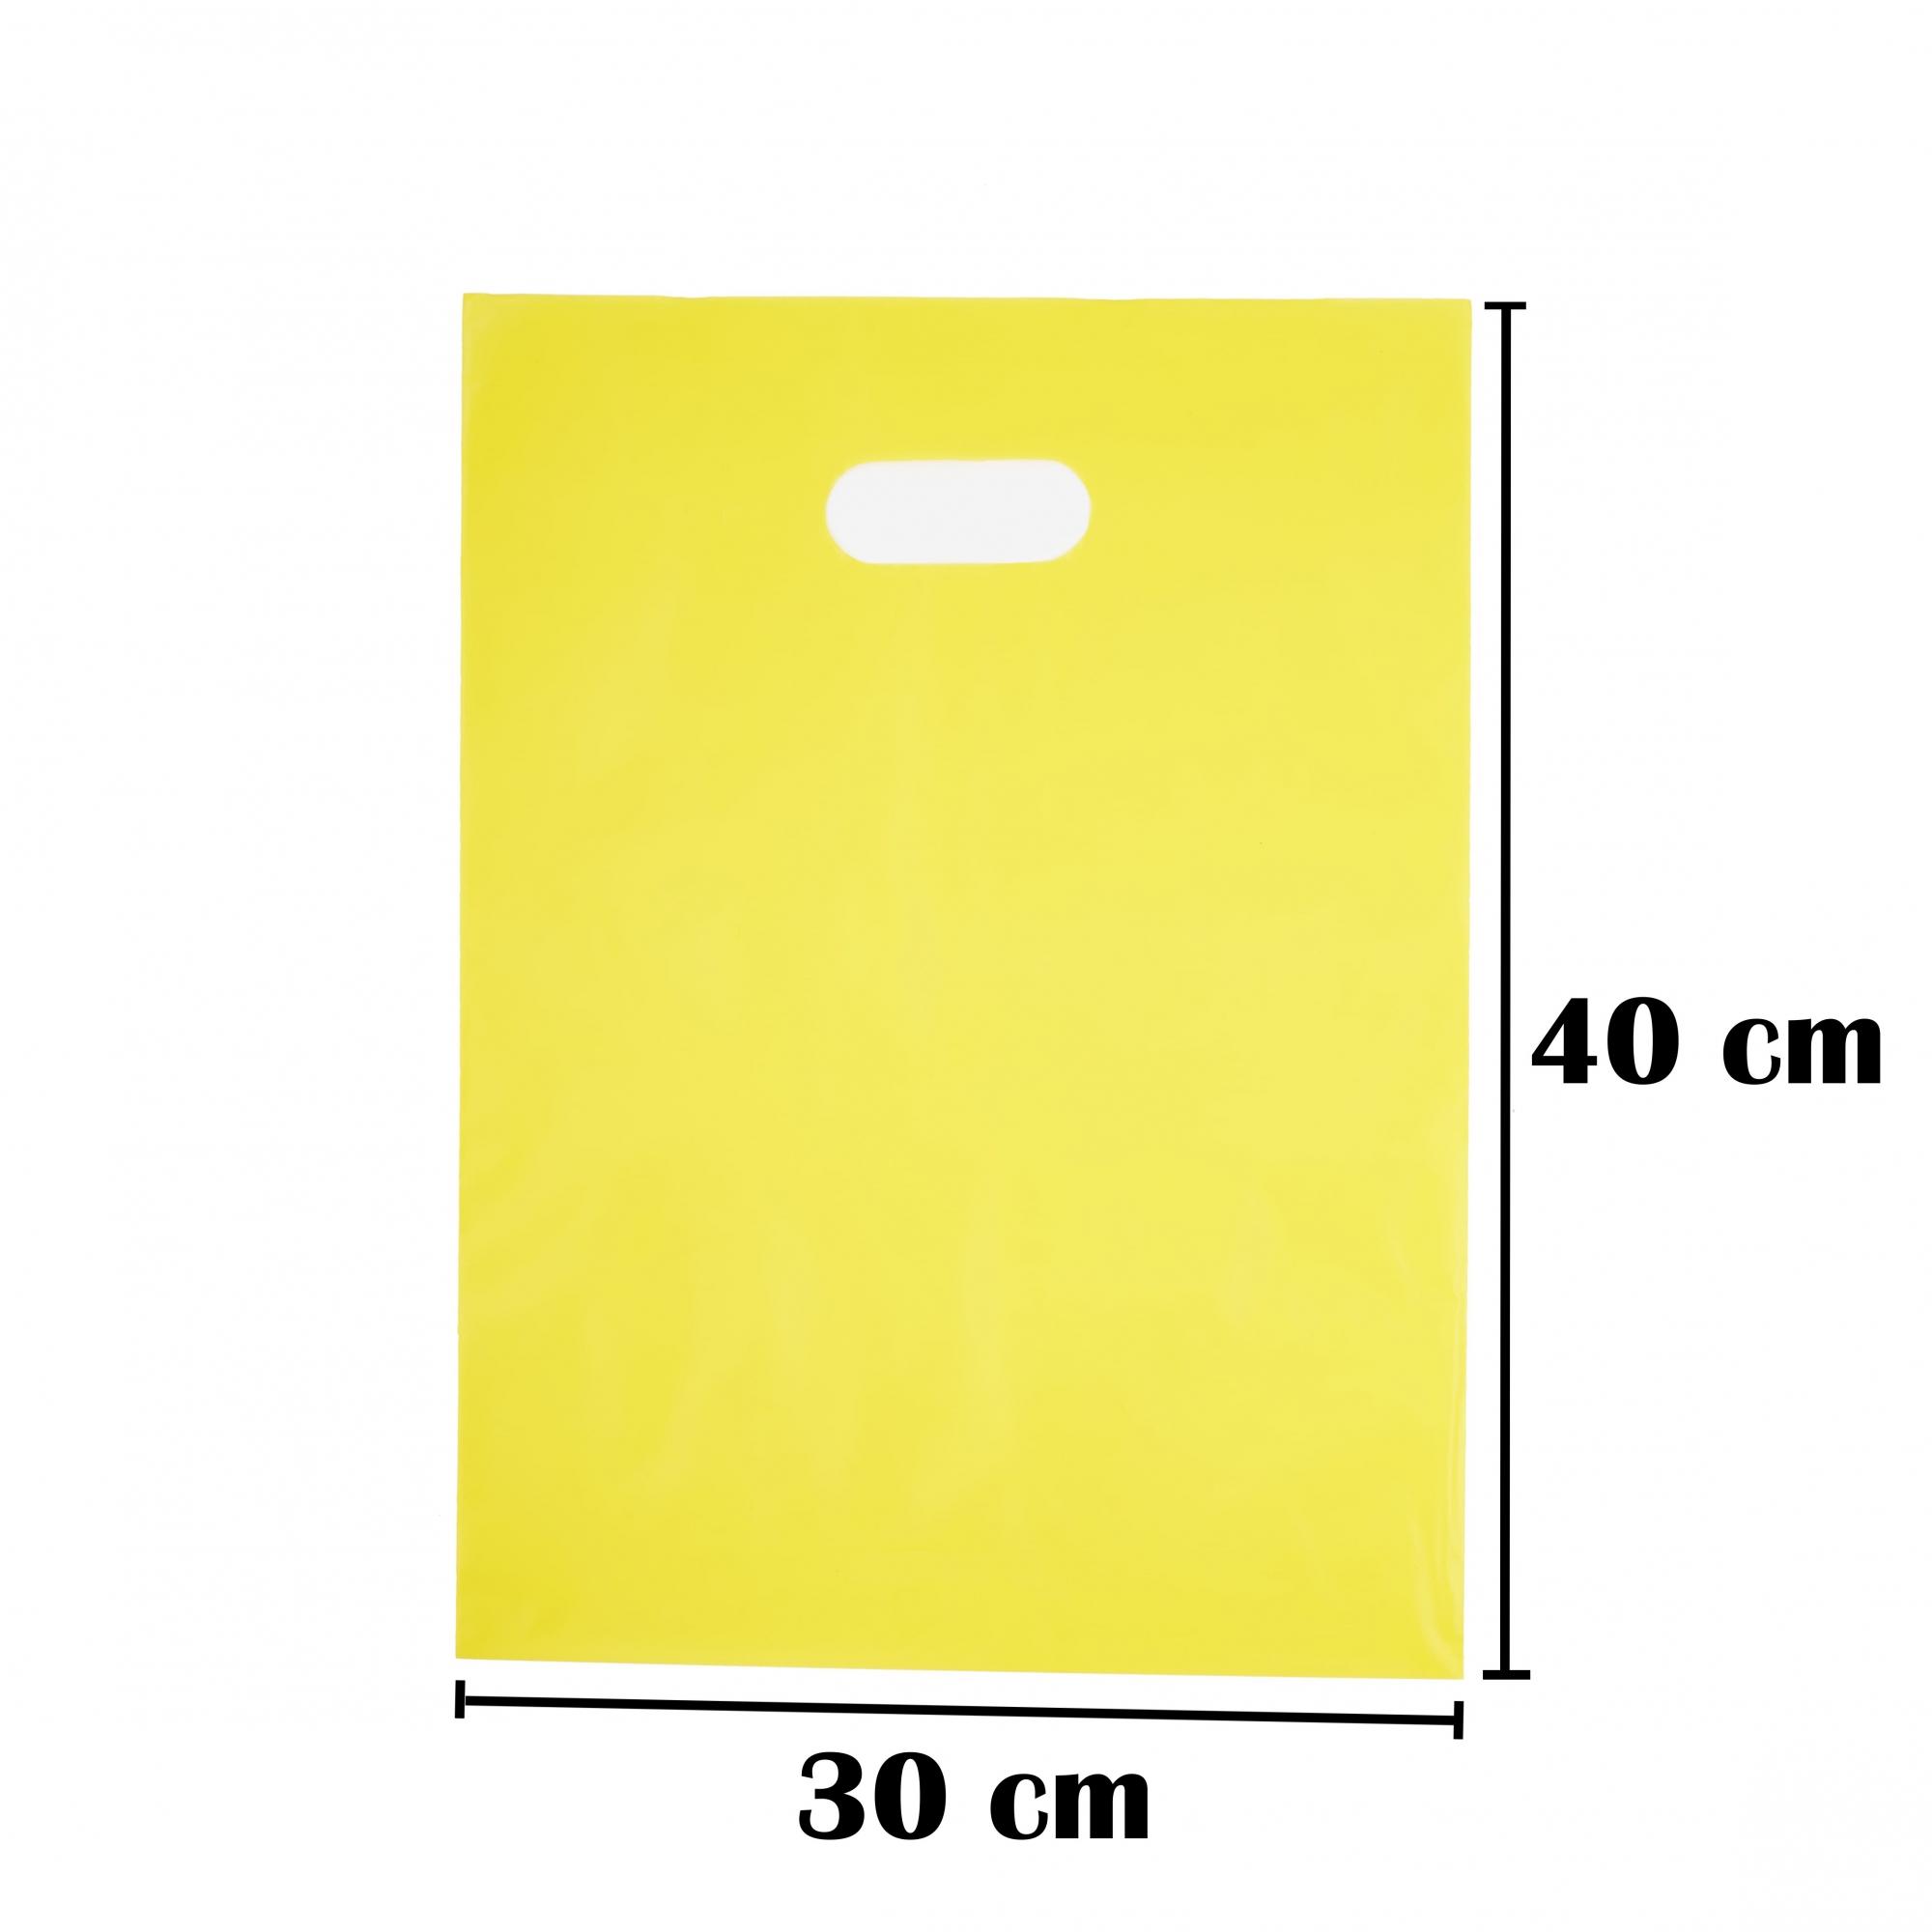 Sacola Plástica 30x40 Amarela Alça Boca de Palhaço 1.000 Unidades